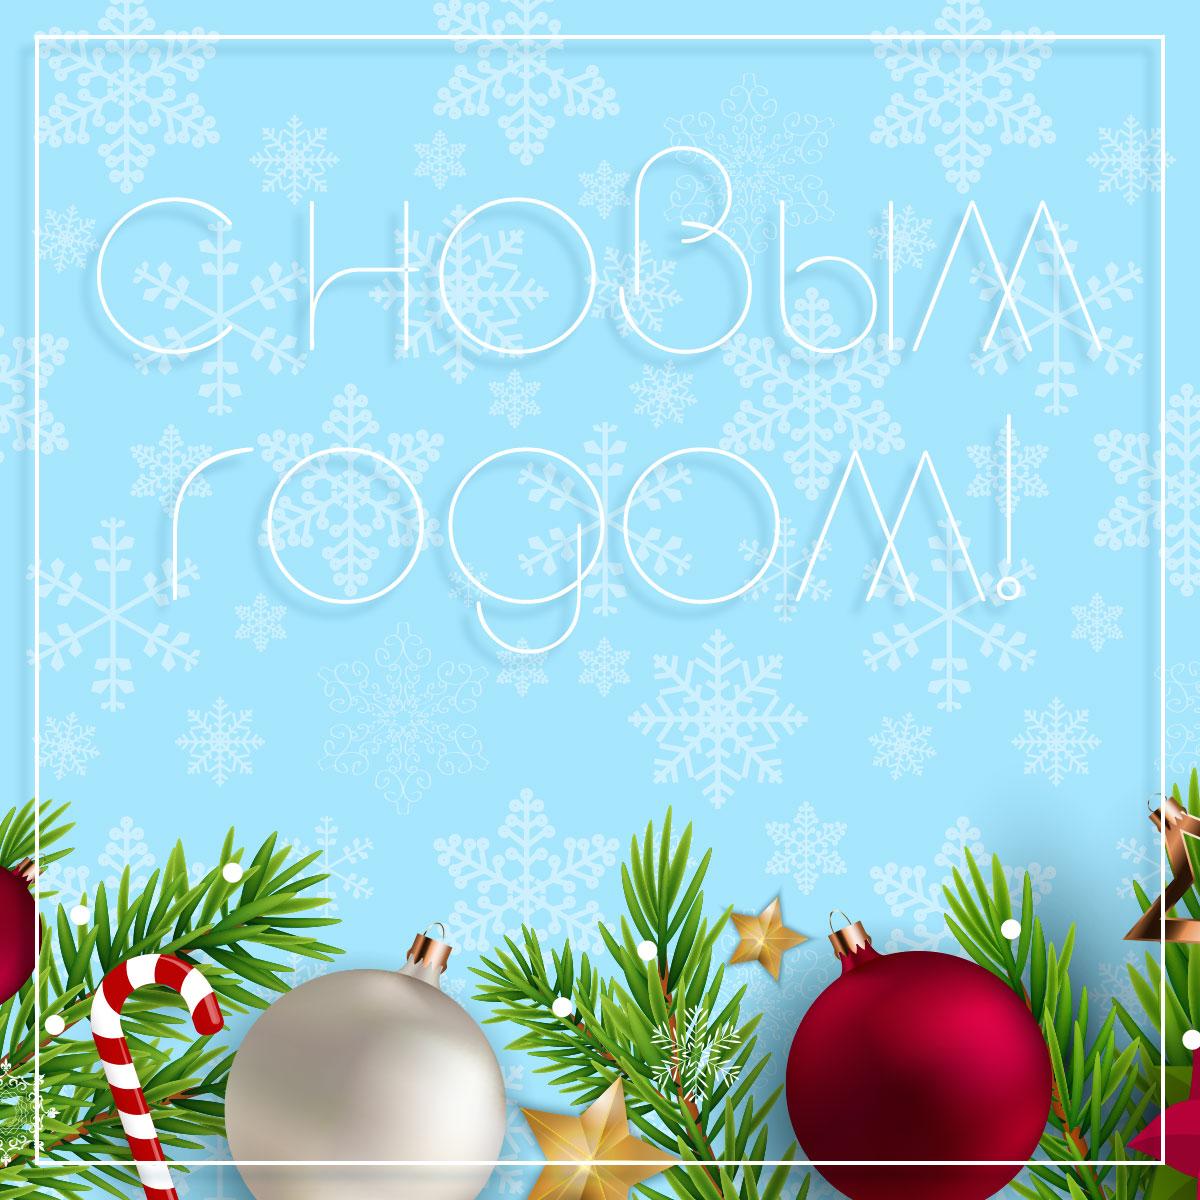 Голубая картинка с ветками ели и рождественскими украшениями.